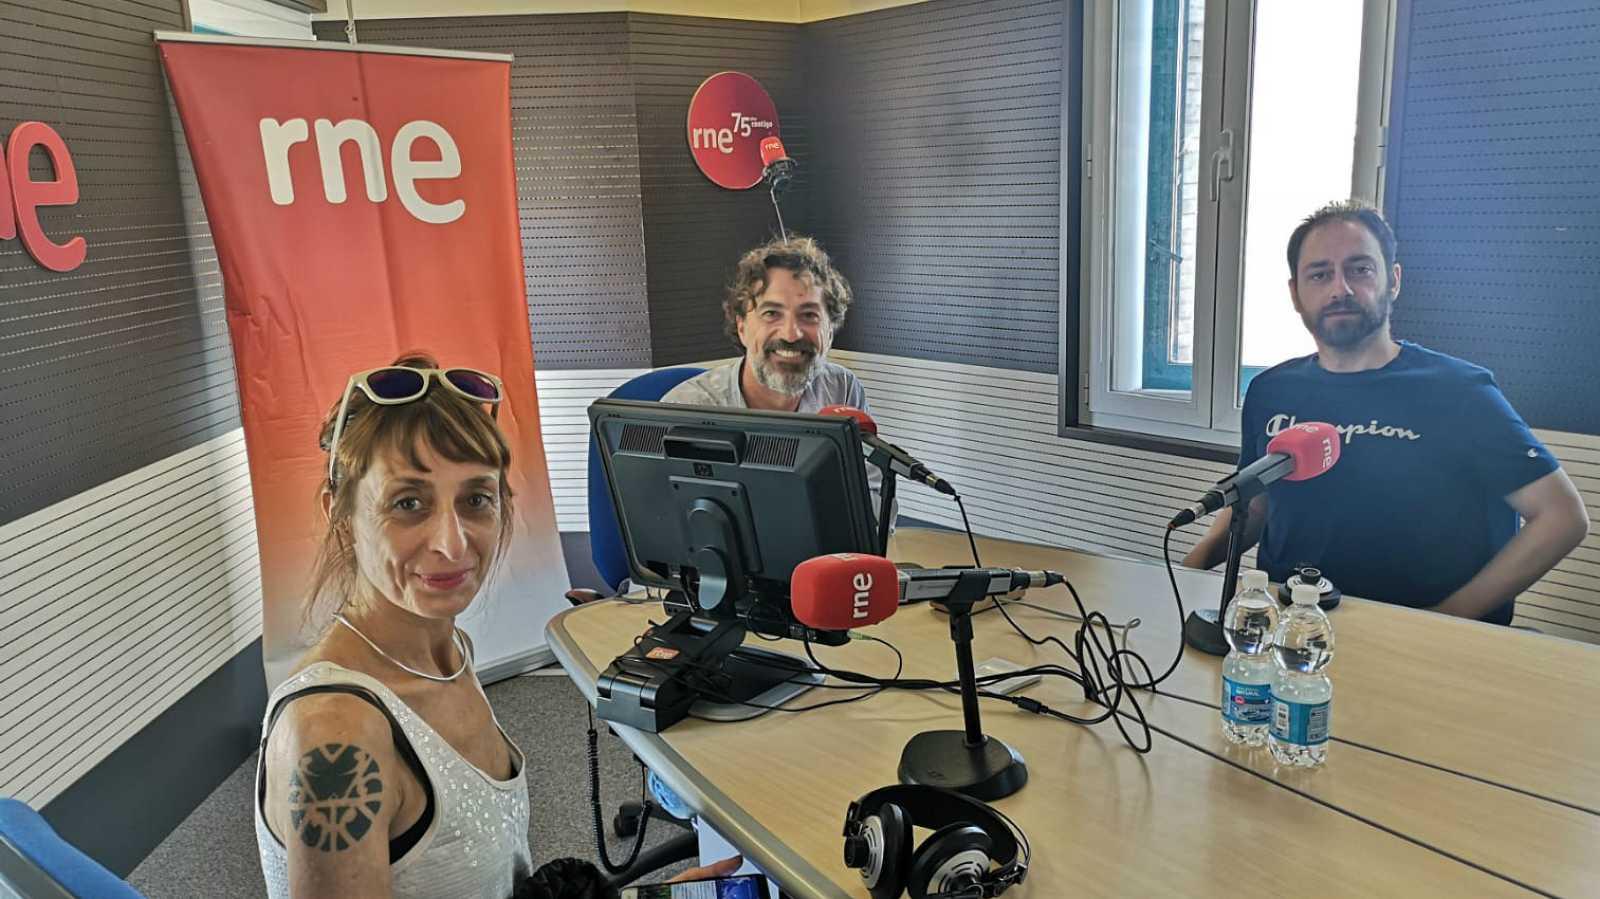 La sala - 'Tito Andrónico': Carmen Mayordomo, José Vicente Moirón y Antonio Castro Guijosa - 23/08/19 - Escuchar ahora